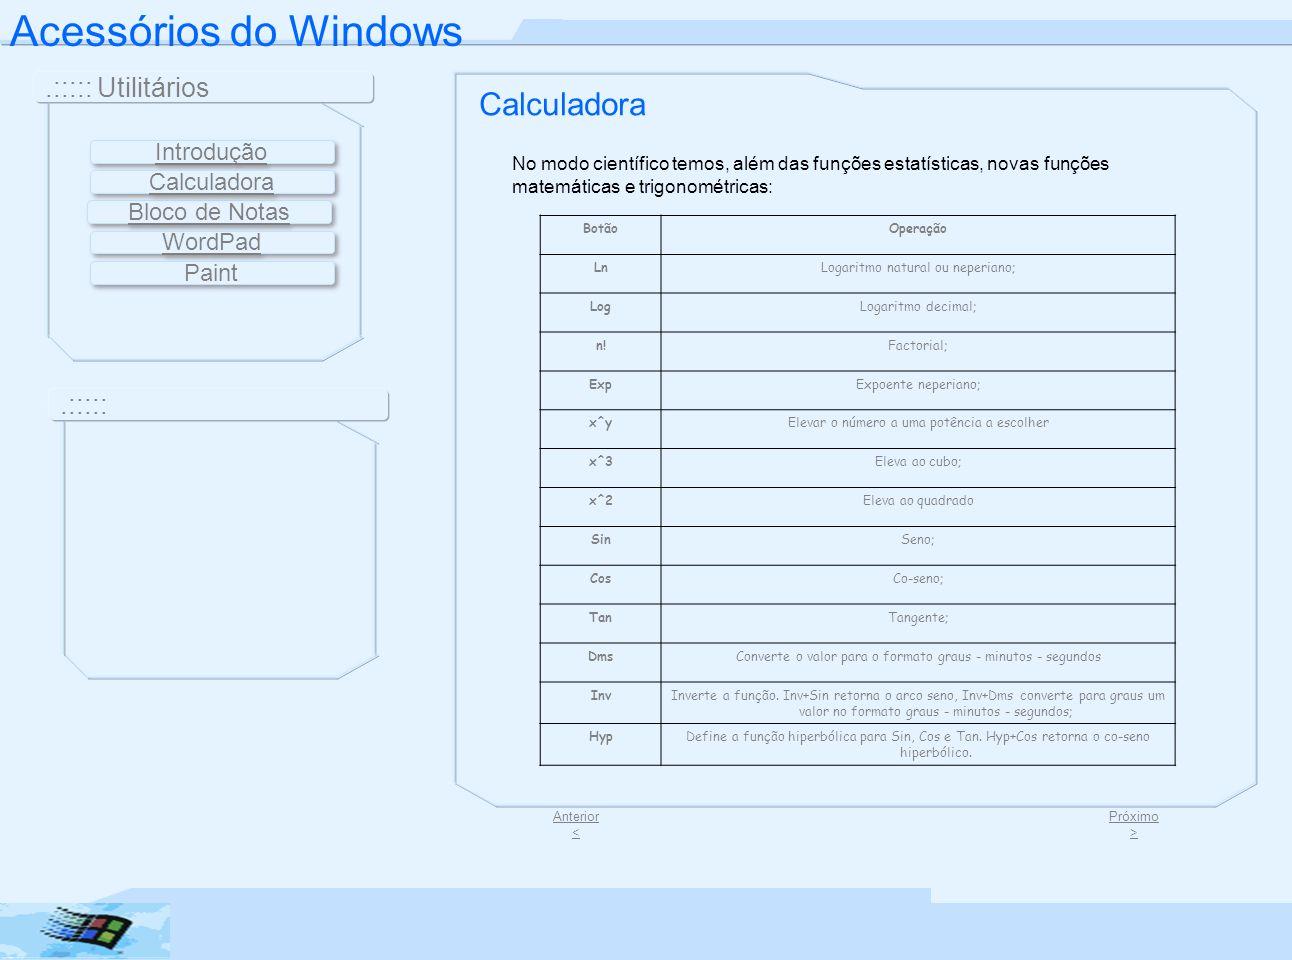 Acessórios do Windows.::::: Utilitários.::::: Tarefas Calculadora Jogo 1 Jogo 2 Jogo 3 Jogo 4Jogo 4 | 5 | 656 Jogo 7 Jogo 8 Anterior < Introdução Bloco de Notas WordPad Paint Calculadora